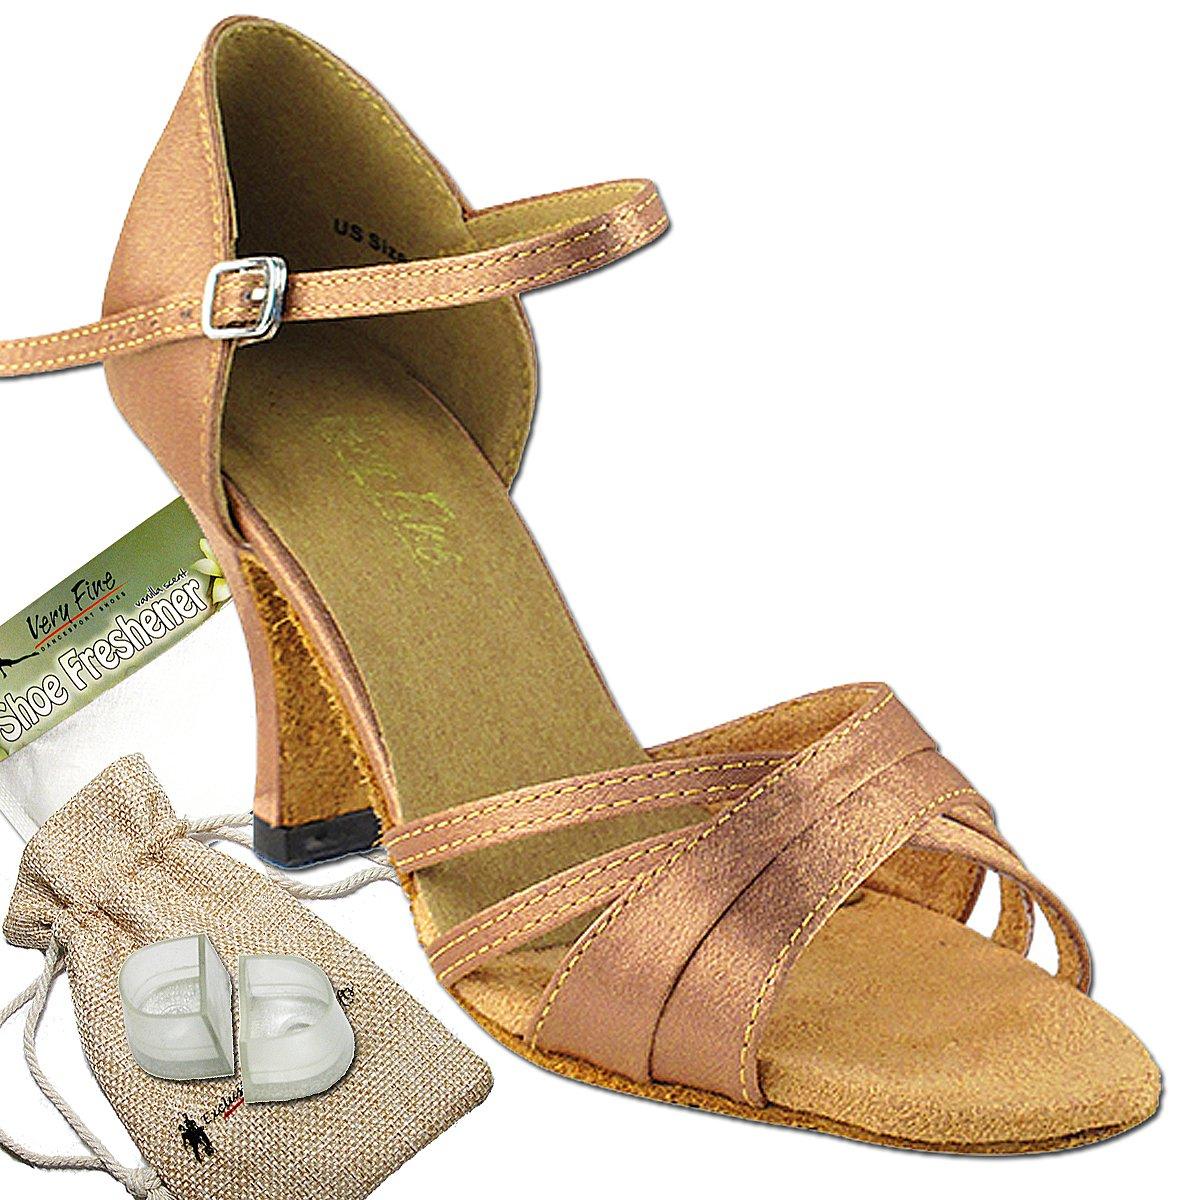 レディース社交ダンスシューズウェディングサルサタンゴ靴6030eb comfortable-very Fine 3